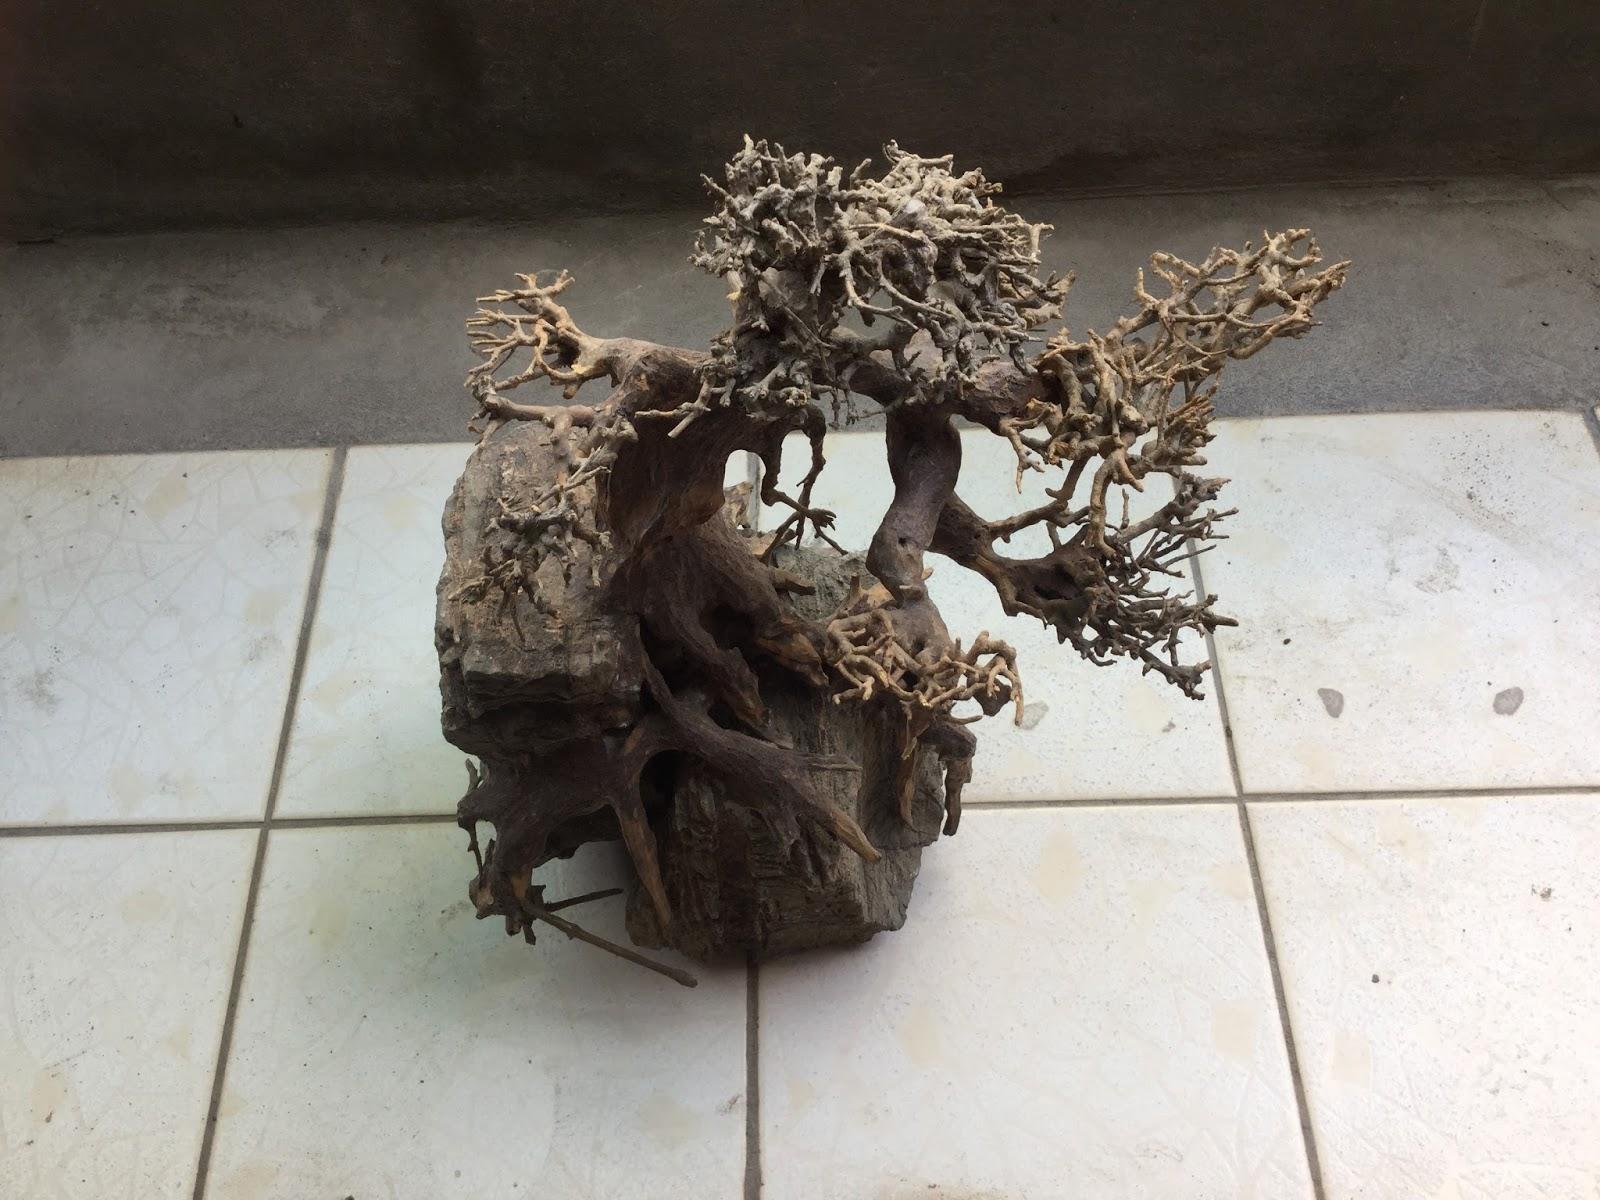 Lũa bám đá dáng tự nhiên